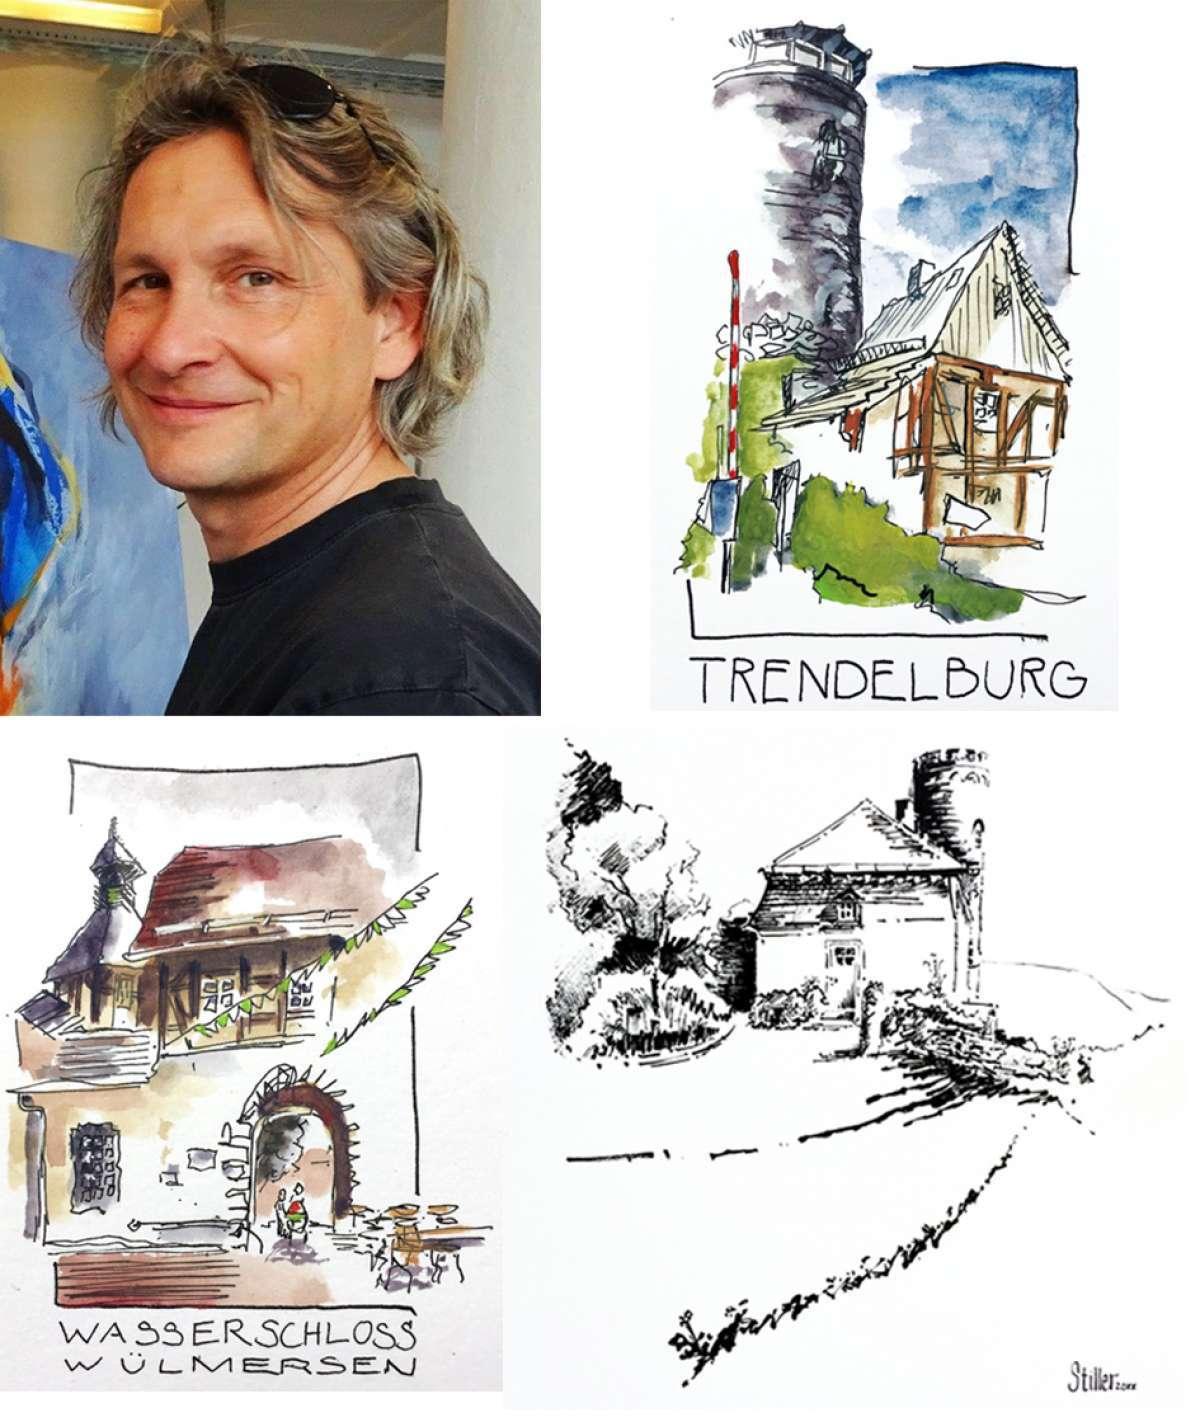 Burg-Skizzen-Tour 2021   Burg Herstelle - Dornröschenschloss Sababurg - Trendelburg - Wasserschloss Wülmersen - Krukenburg - Burg Herstelle